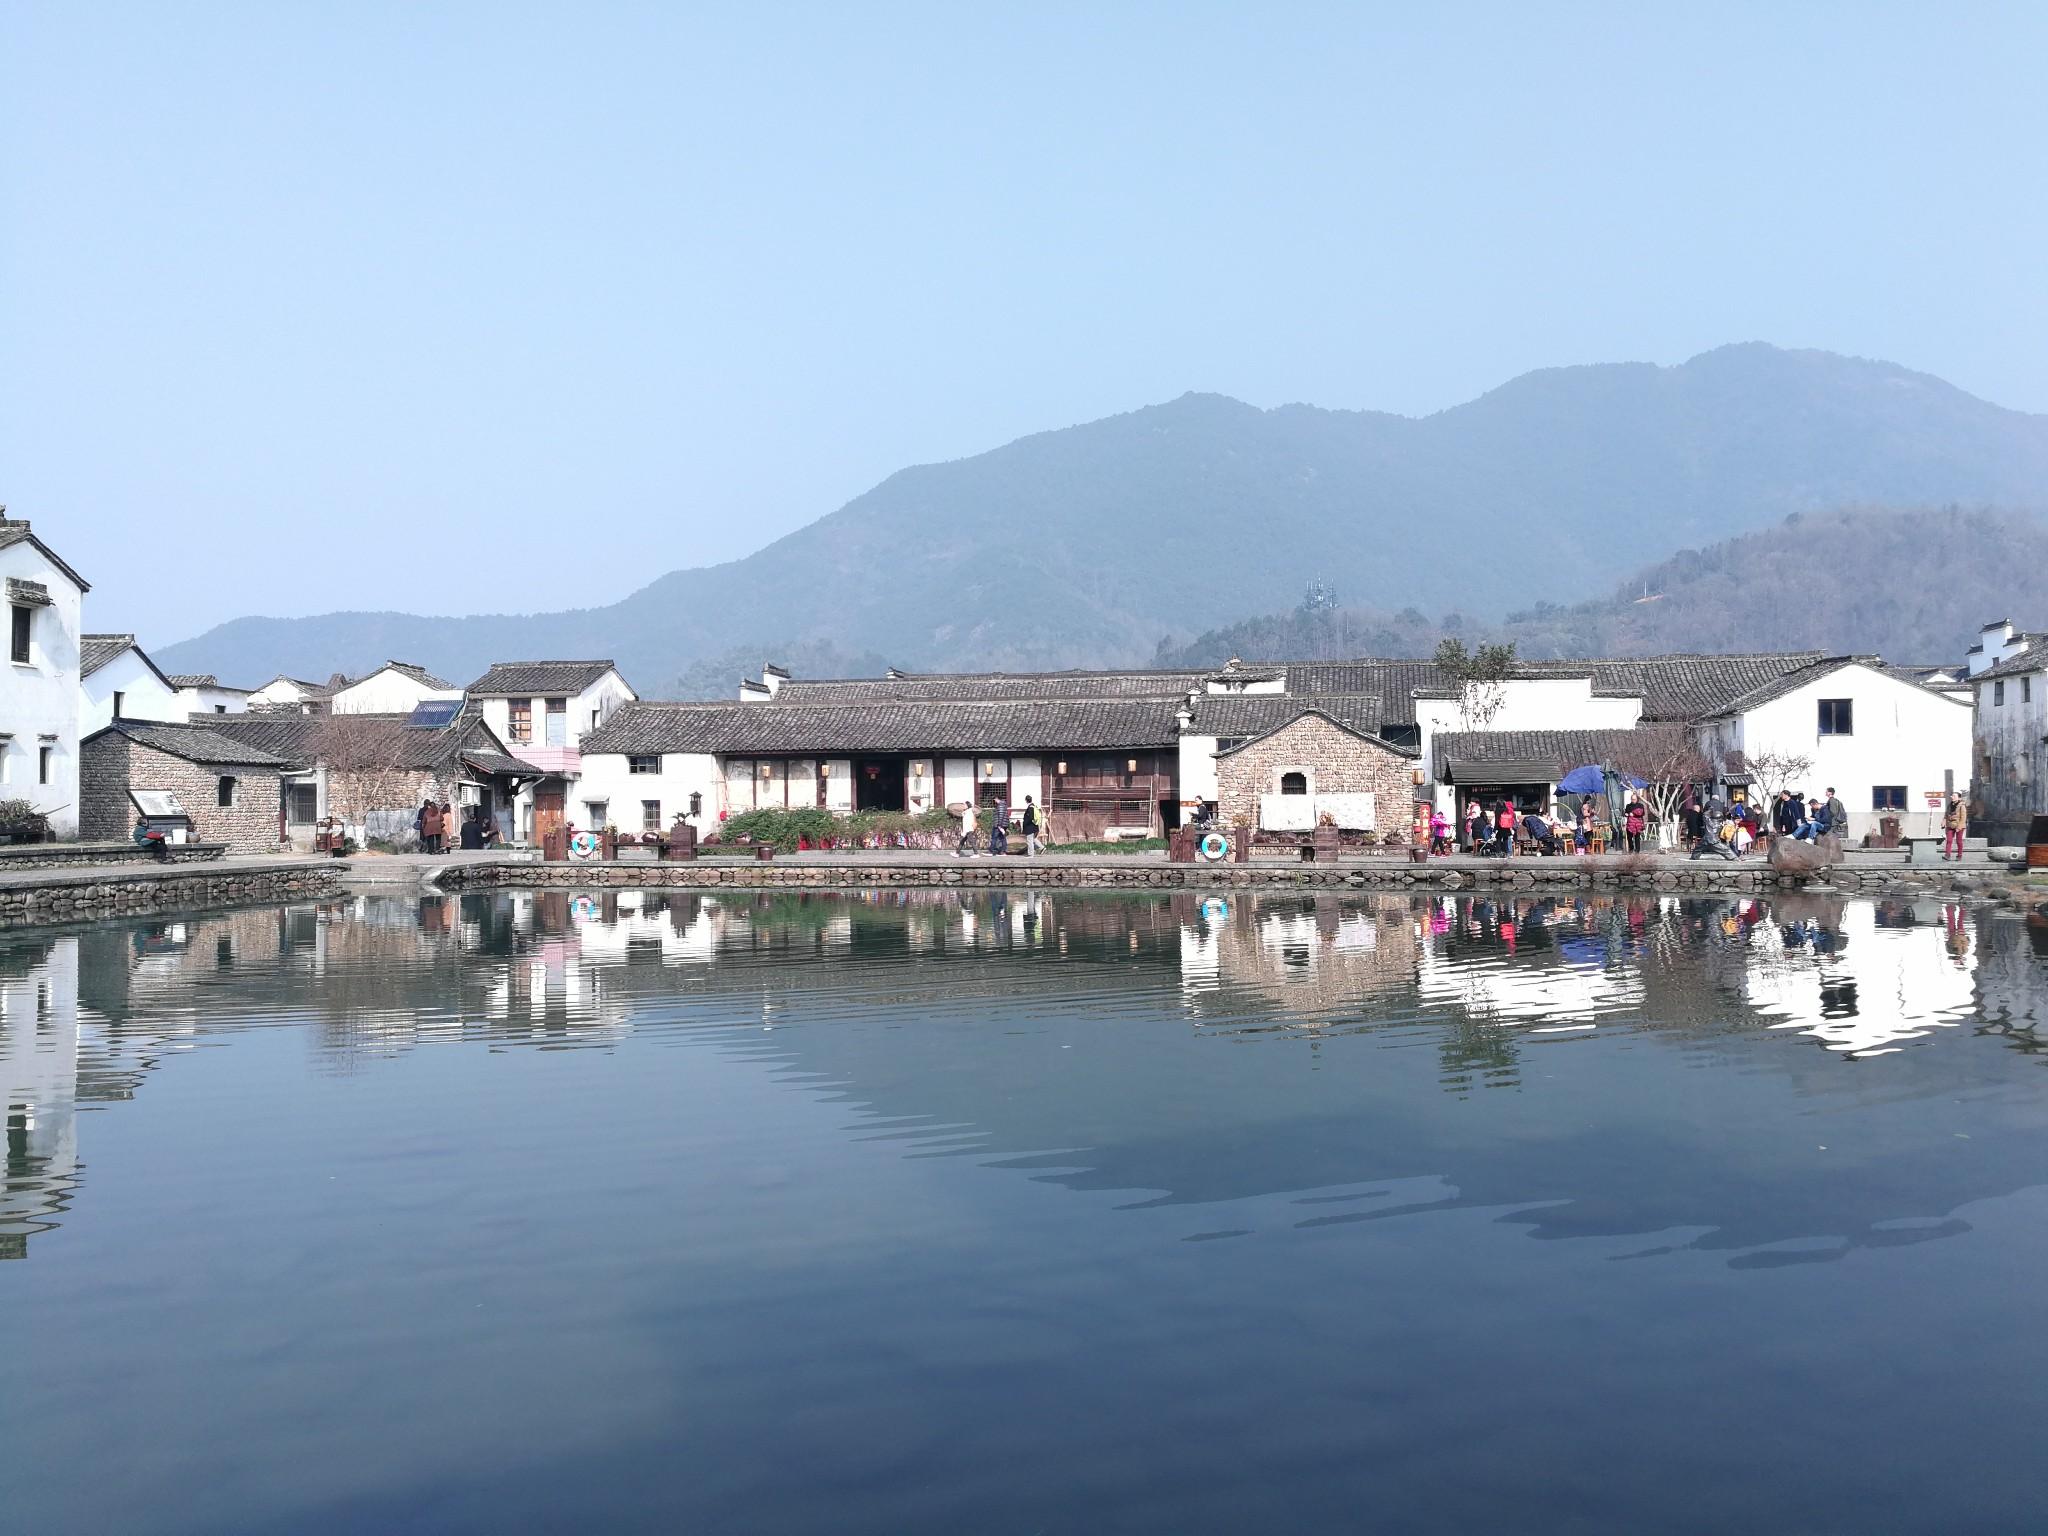 龙门古镇和乌镇哪个好玩,龙门古镇值得去玩吗